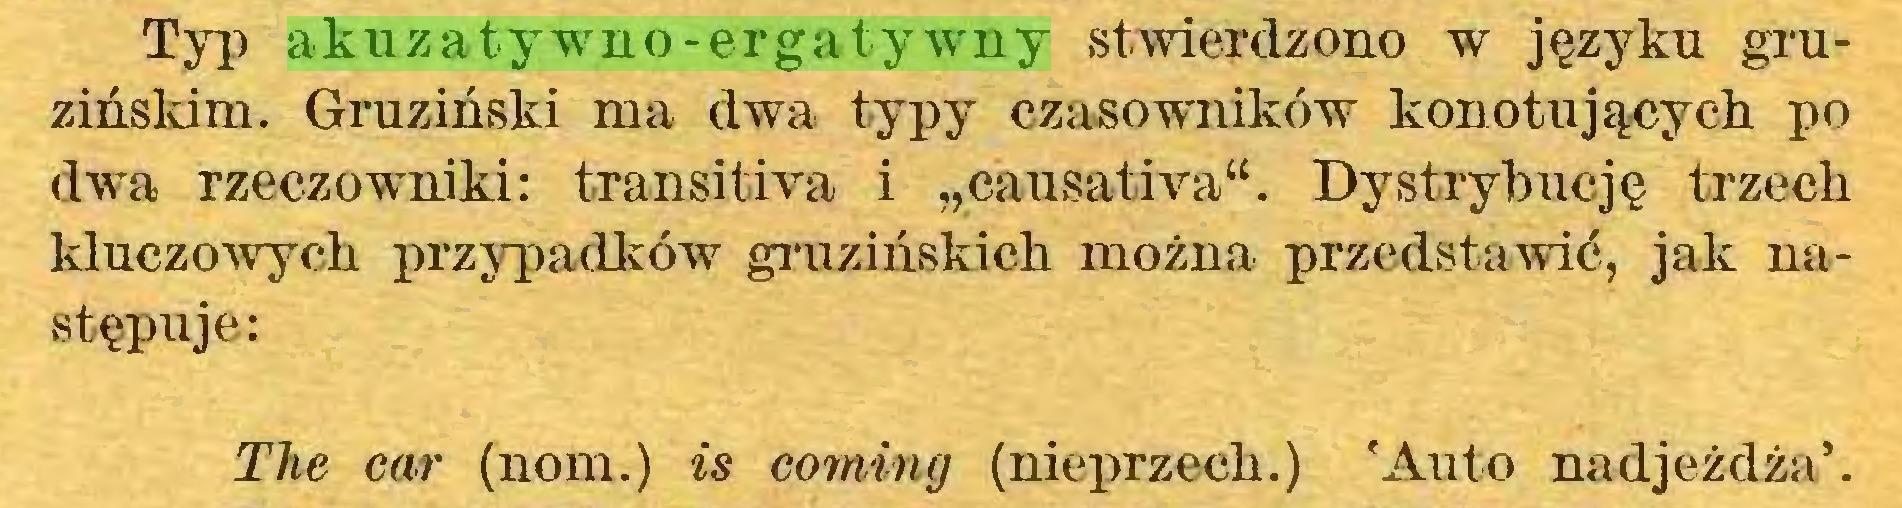 """(...) Typ akuzatywno-ergatywny stwierdzono w językn gruzińskim. Gruziński ma dwa typy czasowników konotującycb po dwa rzeczowniki: transitiva i """"causativa"""". Dystrybucję trzech kluczowych przypadków gruzińskich można przedstawić, jak następuje: The car (nom.) is coming (nieprzech.) 'Auto nadjeżdża'..."""